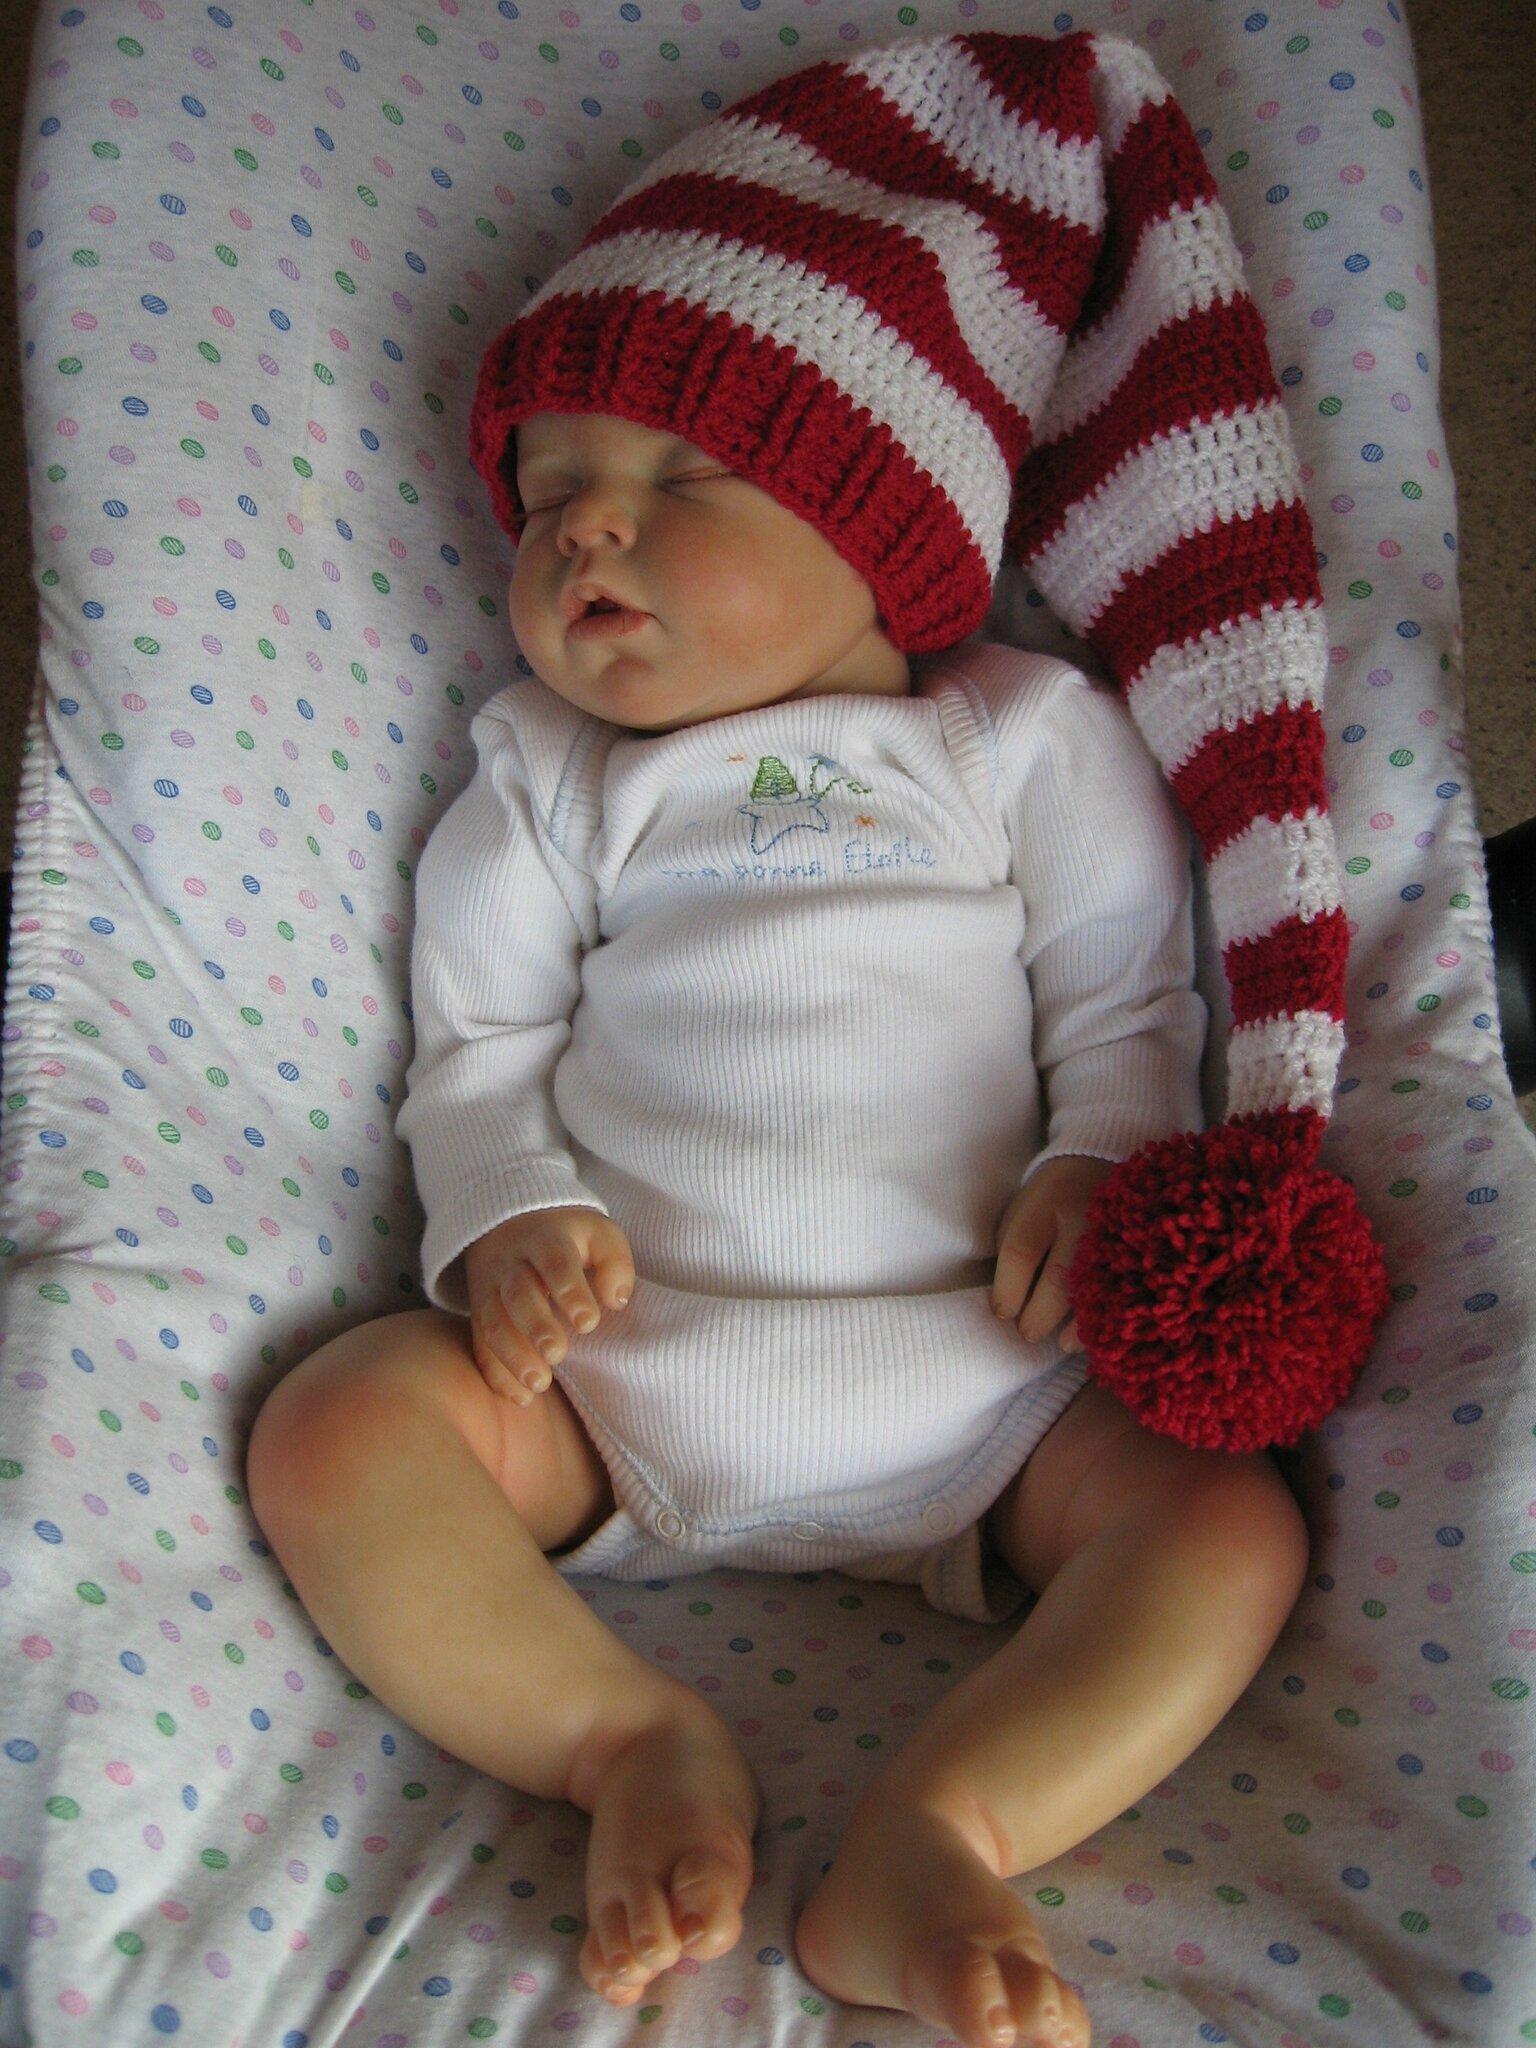 00ea8d39c973 Bonnet de lutin pour bébé ou reborn - Le crochet de Catherine ...